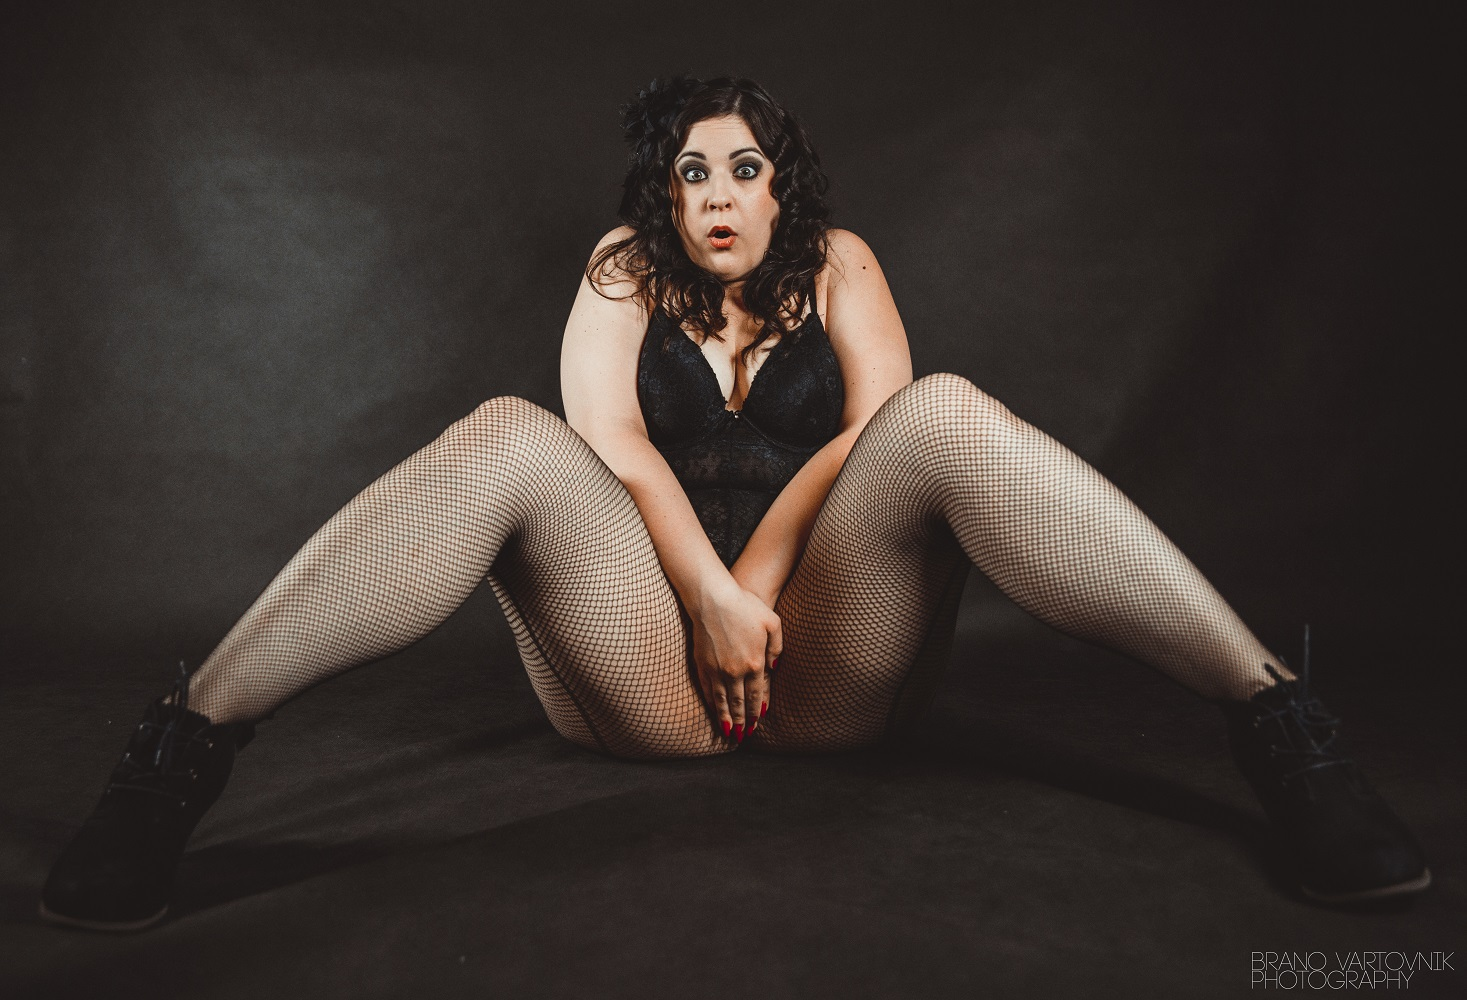 rozhovor Rozhovor s burlesque divou: Ľúbte seba a určite príde niekto, kto bude ľúbiť vás Brano Vartovnik rozhovor s Diamond Fairy